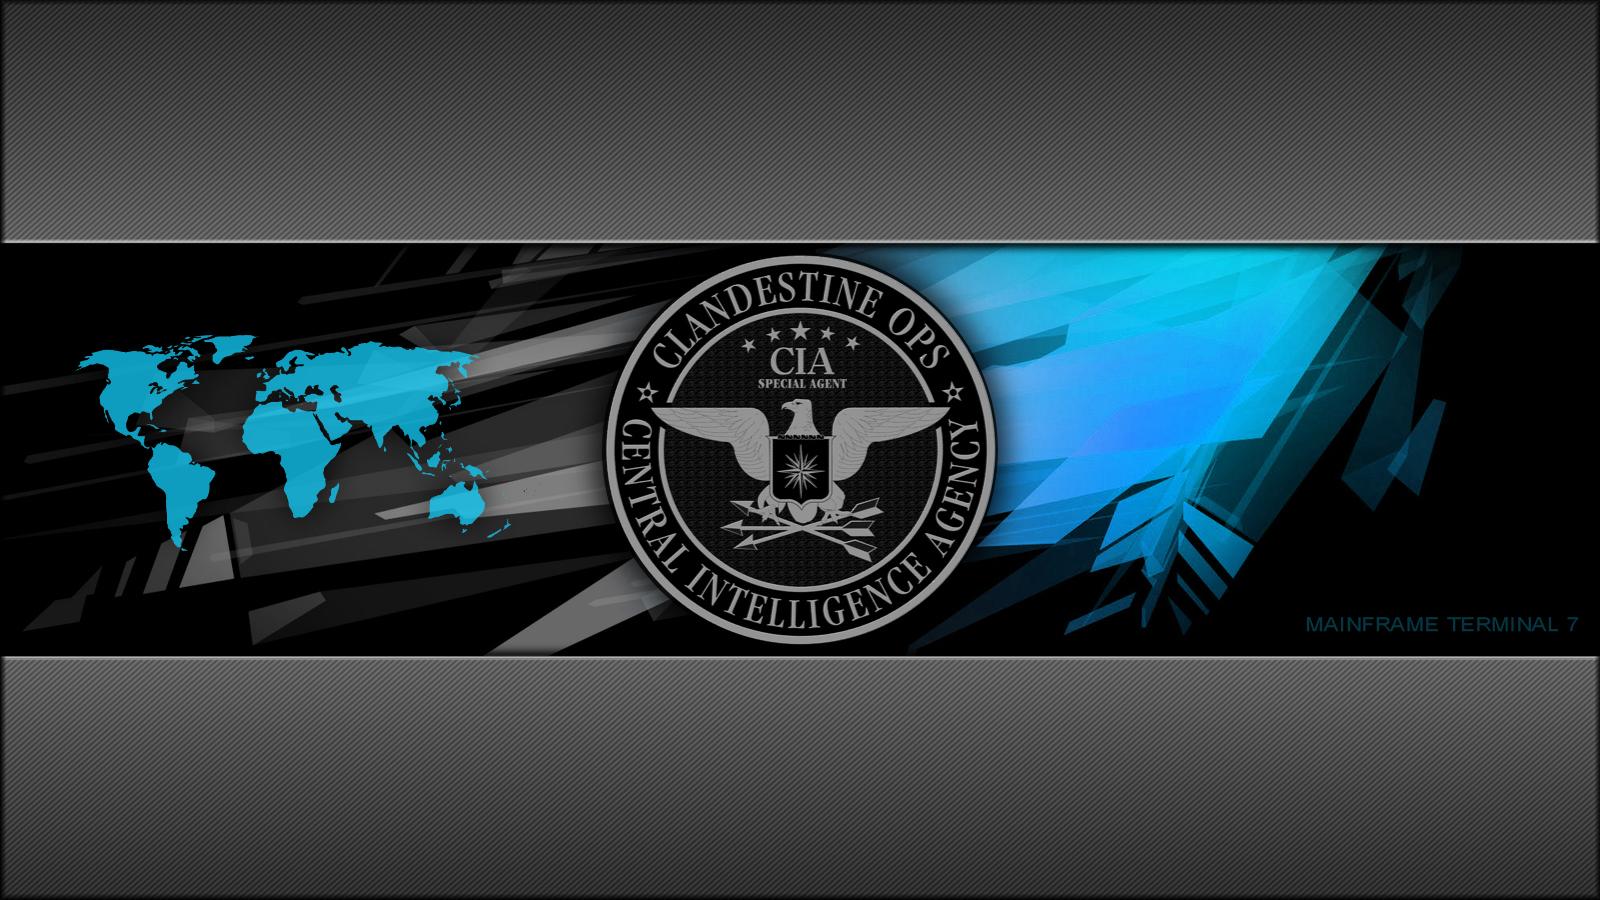 cia 2010 - wallpaperfreddiemac on deviantart